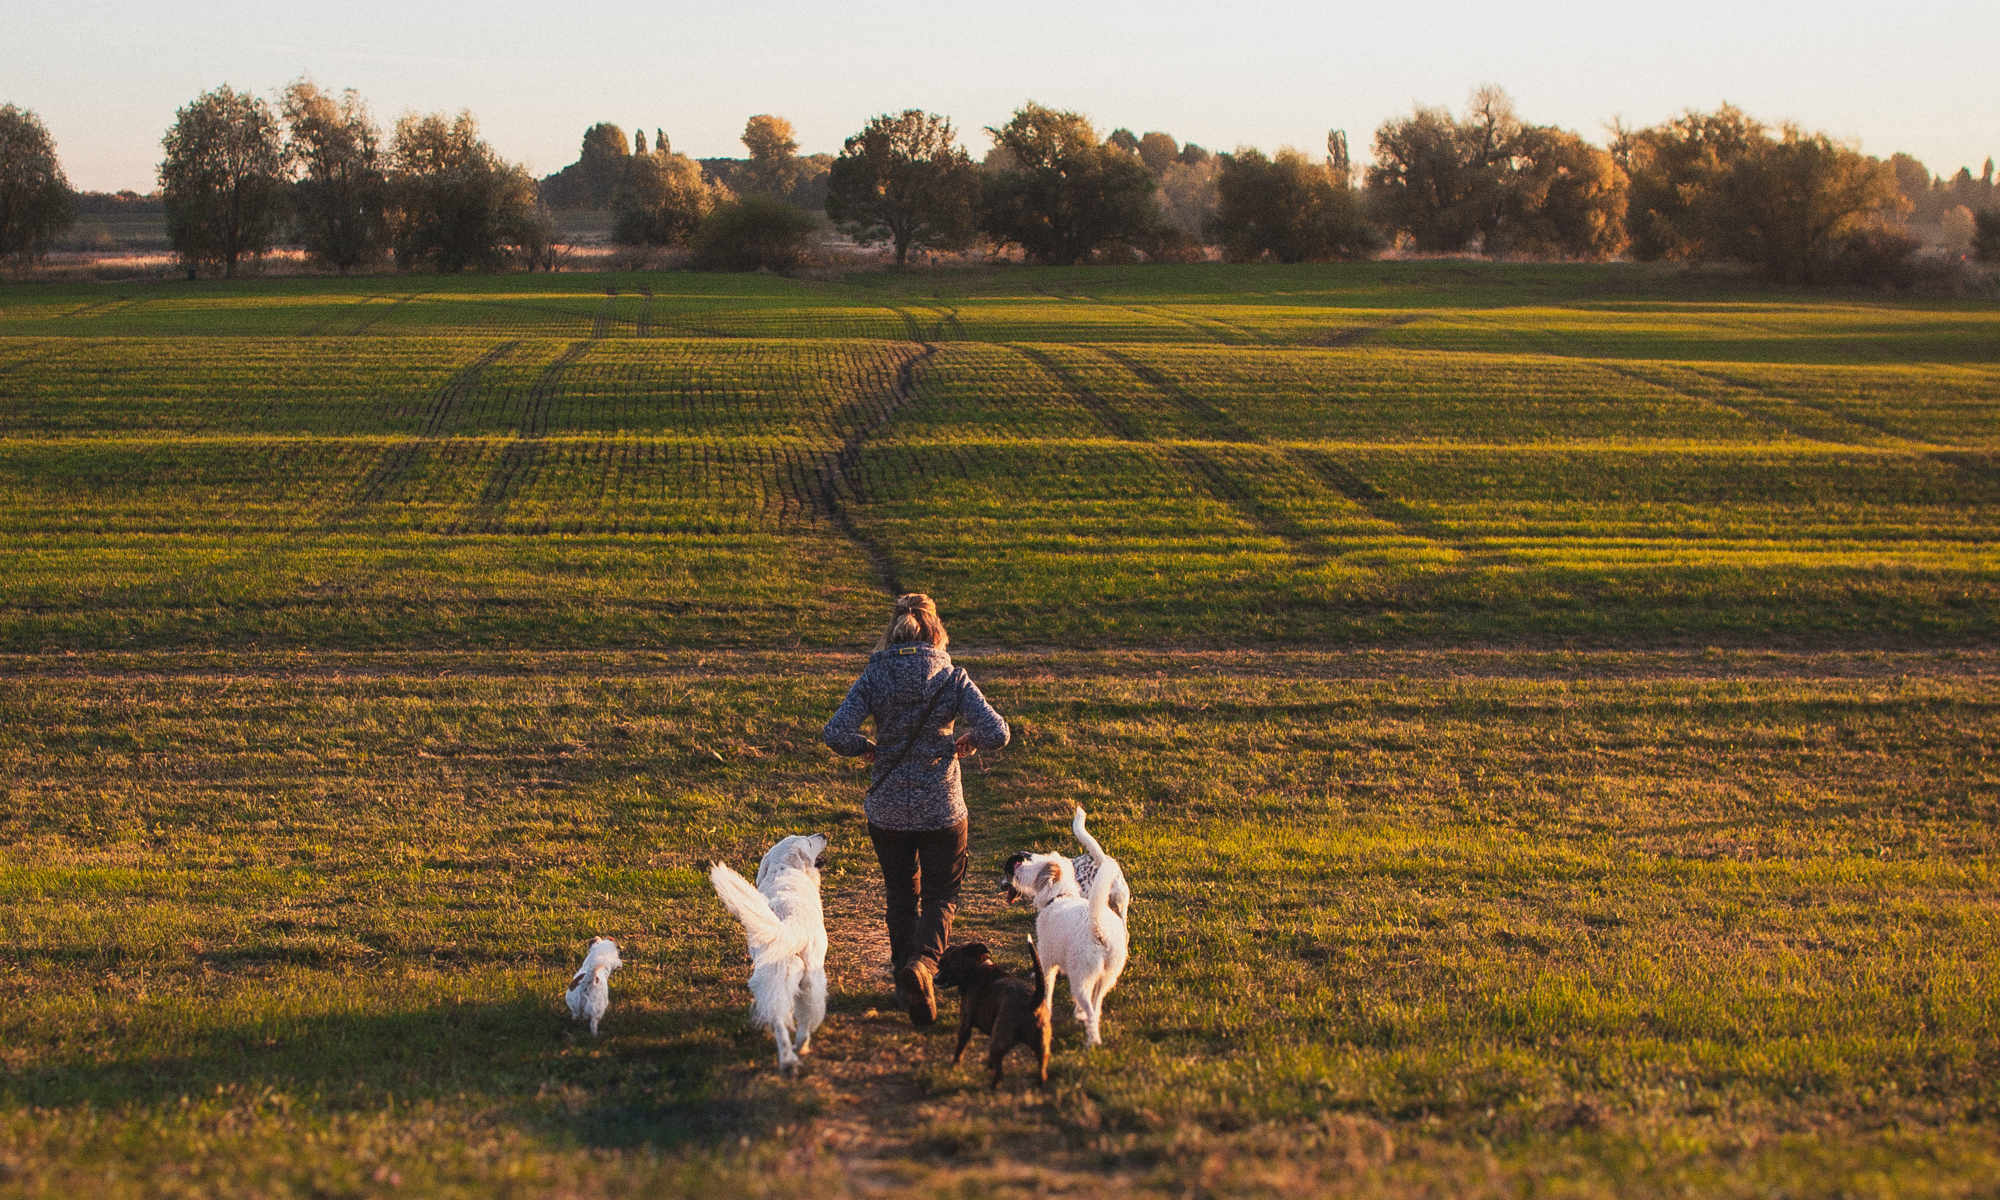 Dogwalking ein Hundespaziergang | Angebot von Niederrheinschnauzen